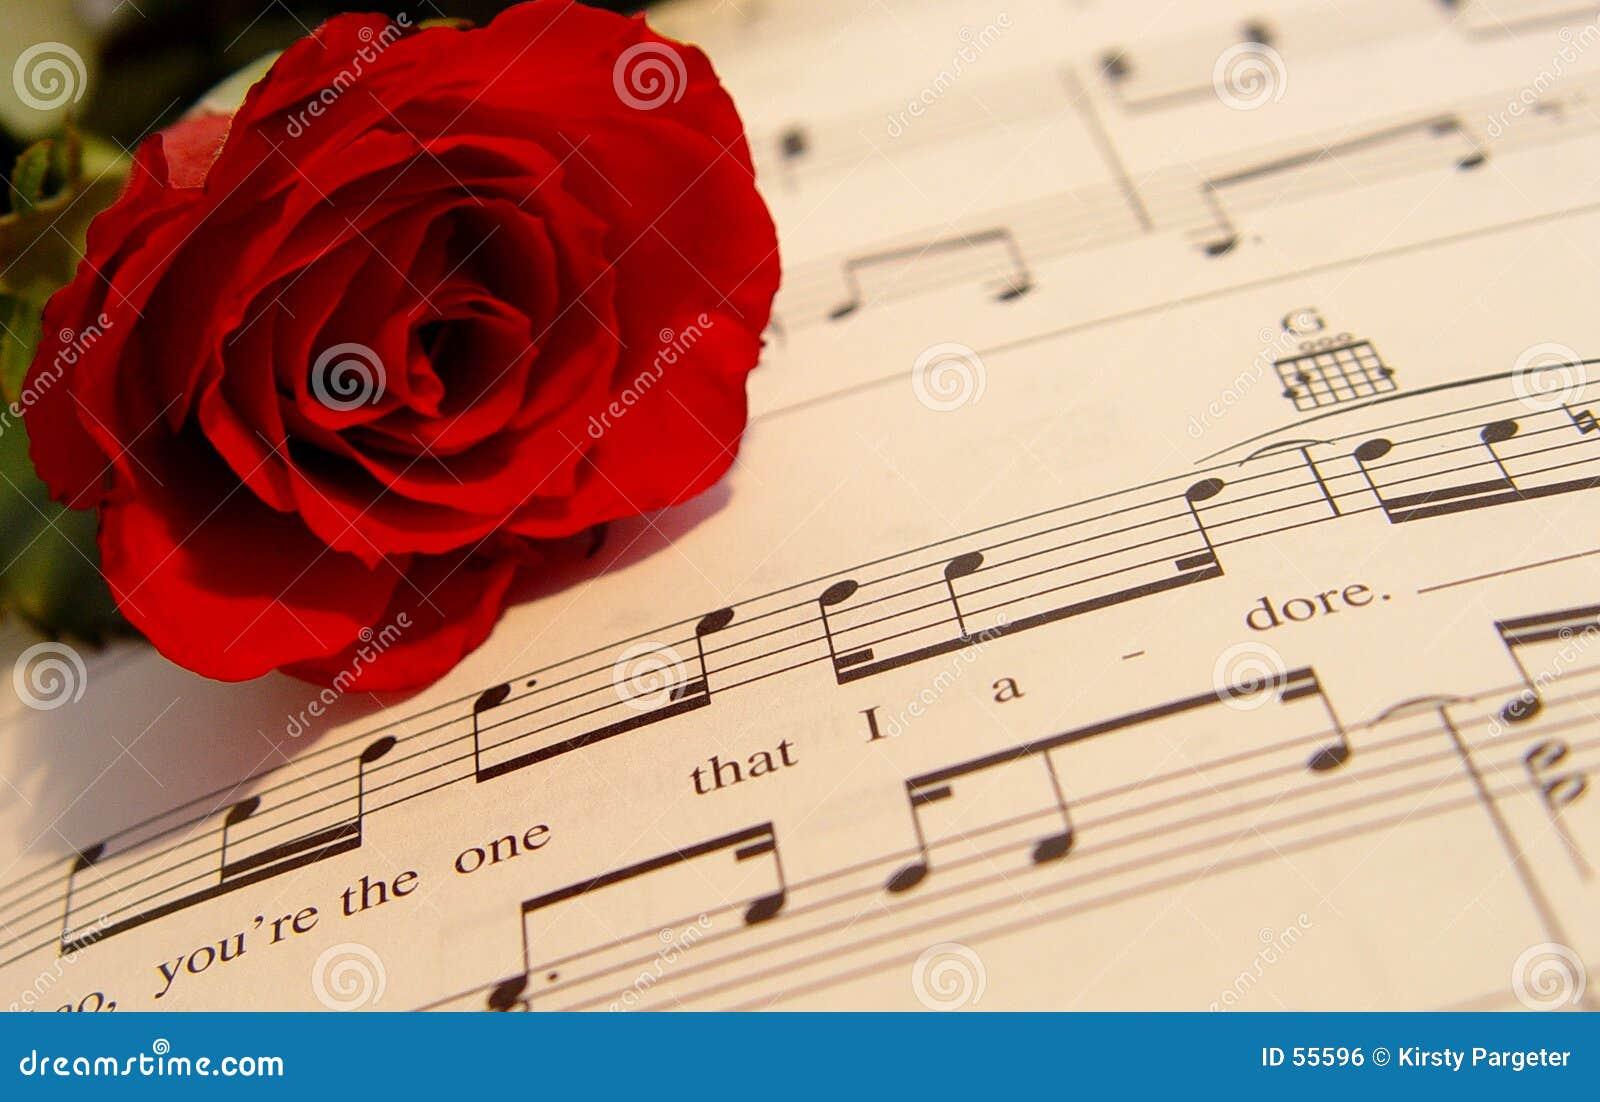 ερωτικό τραγούδι